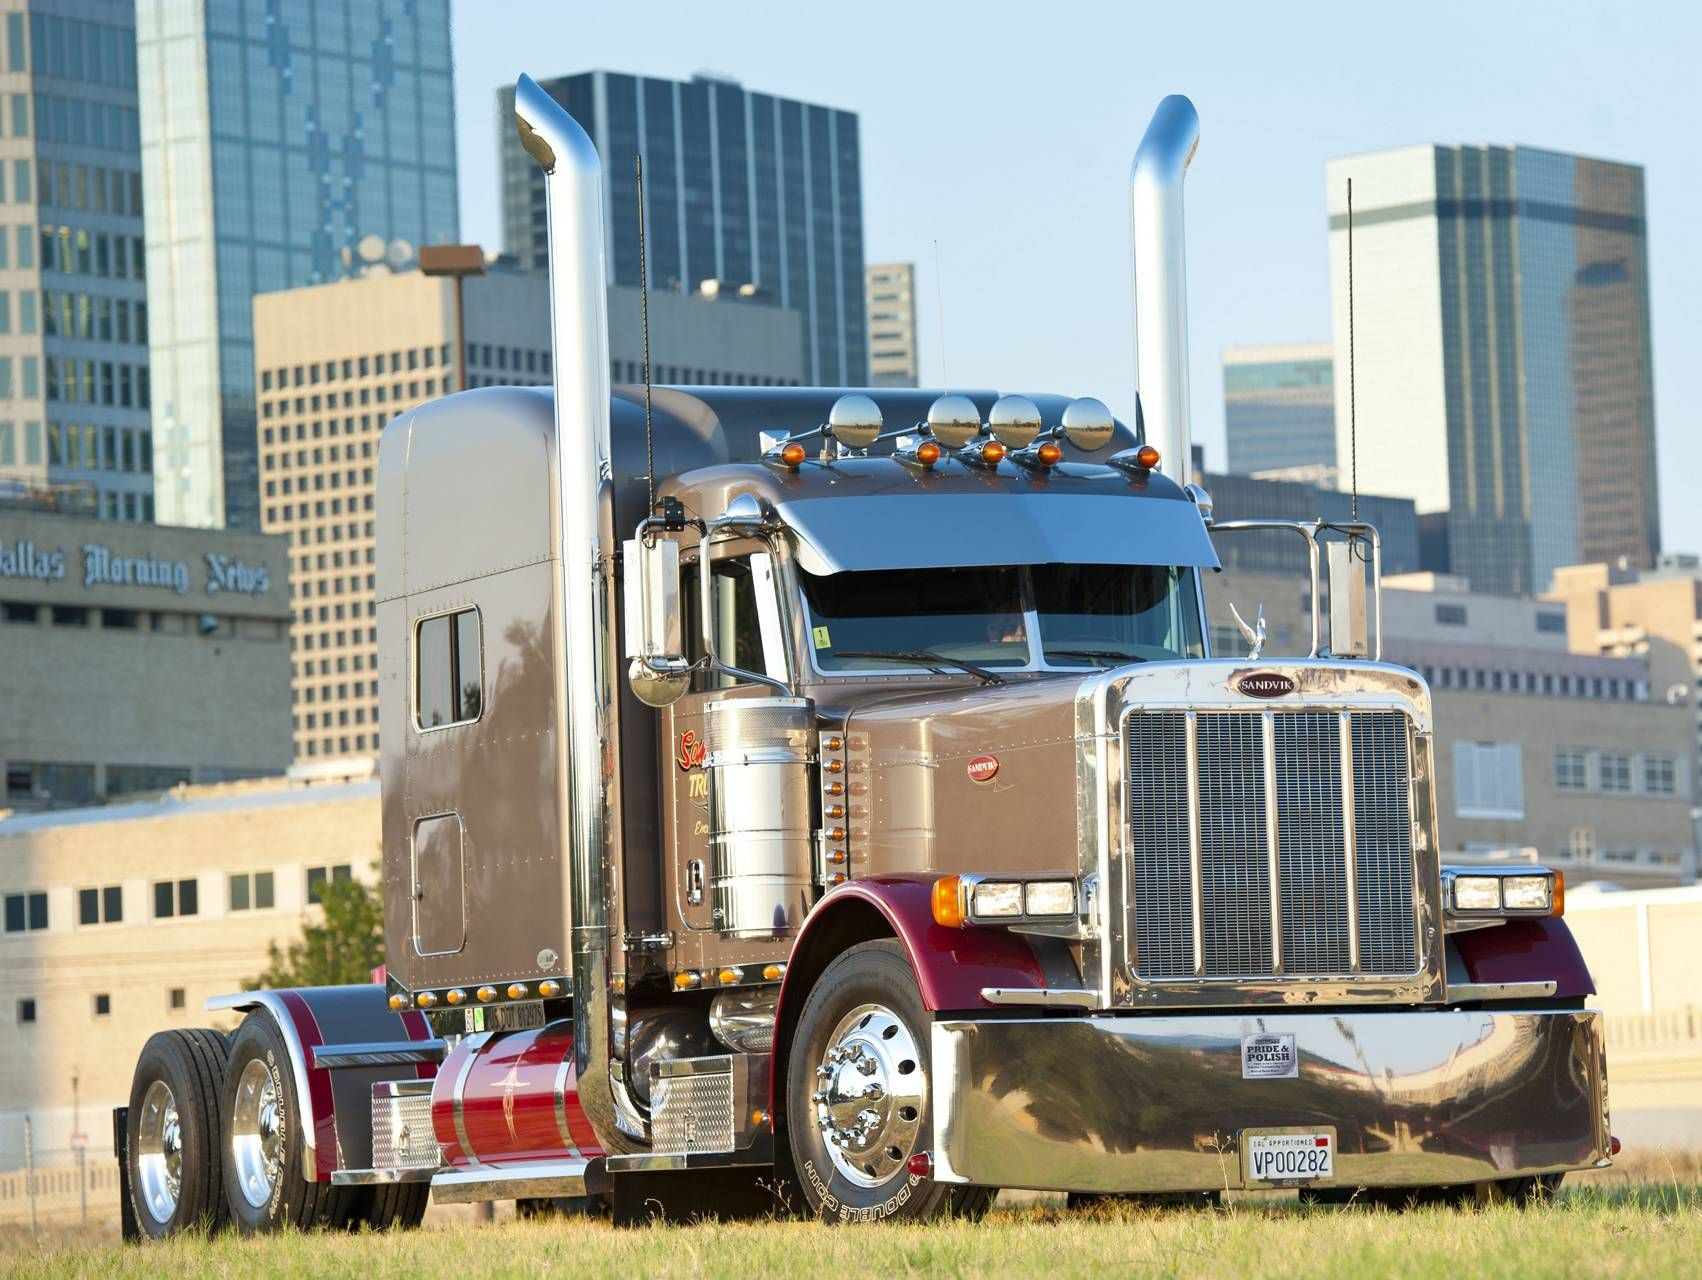 Truck Wallpaper Trucks Peterbilt Peterbilt 379